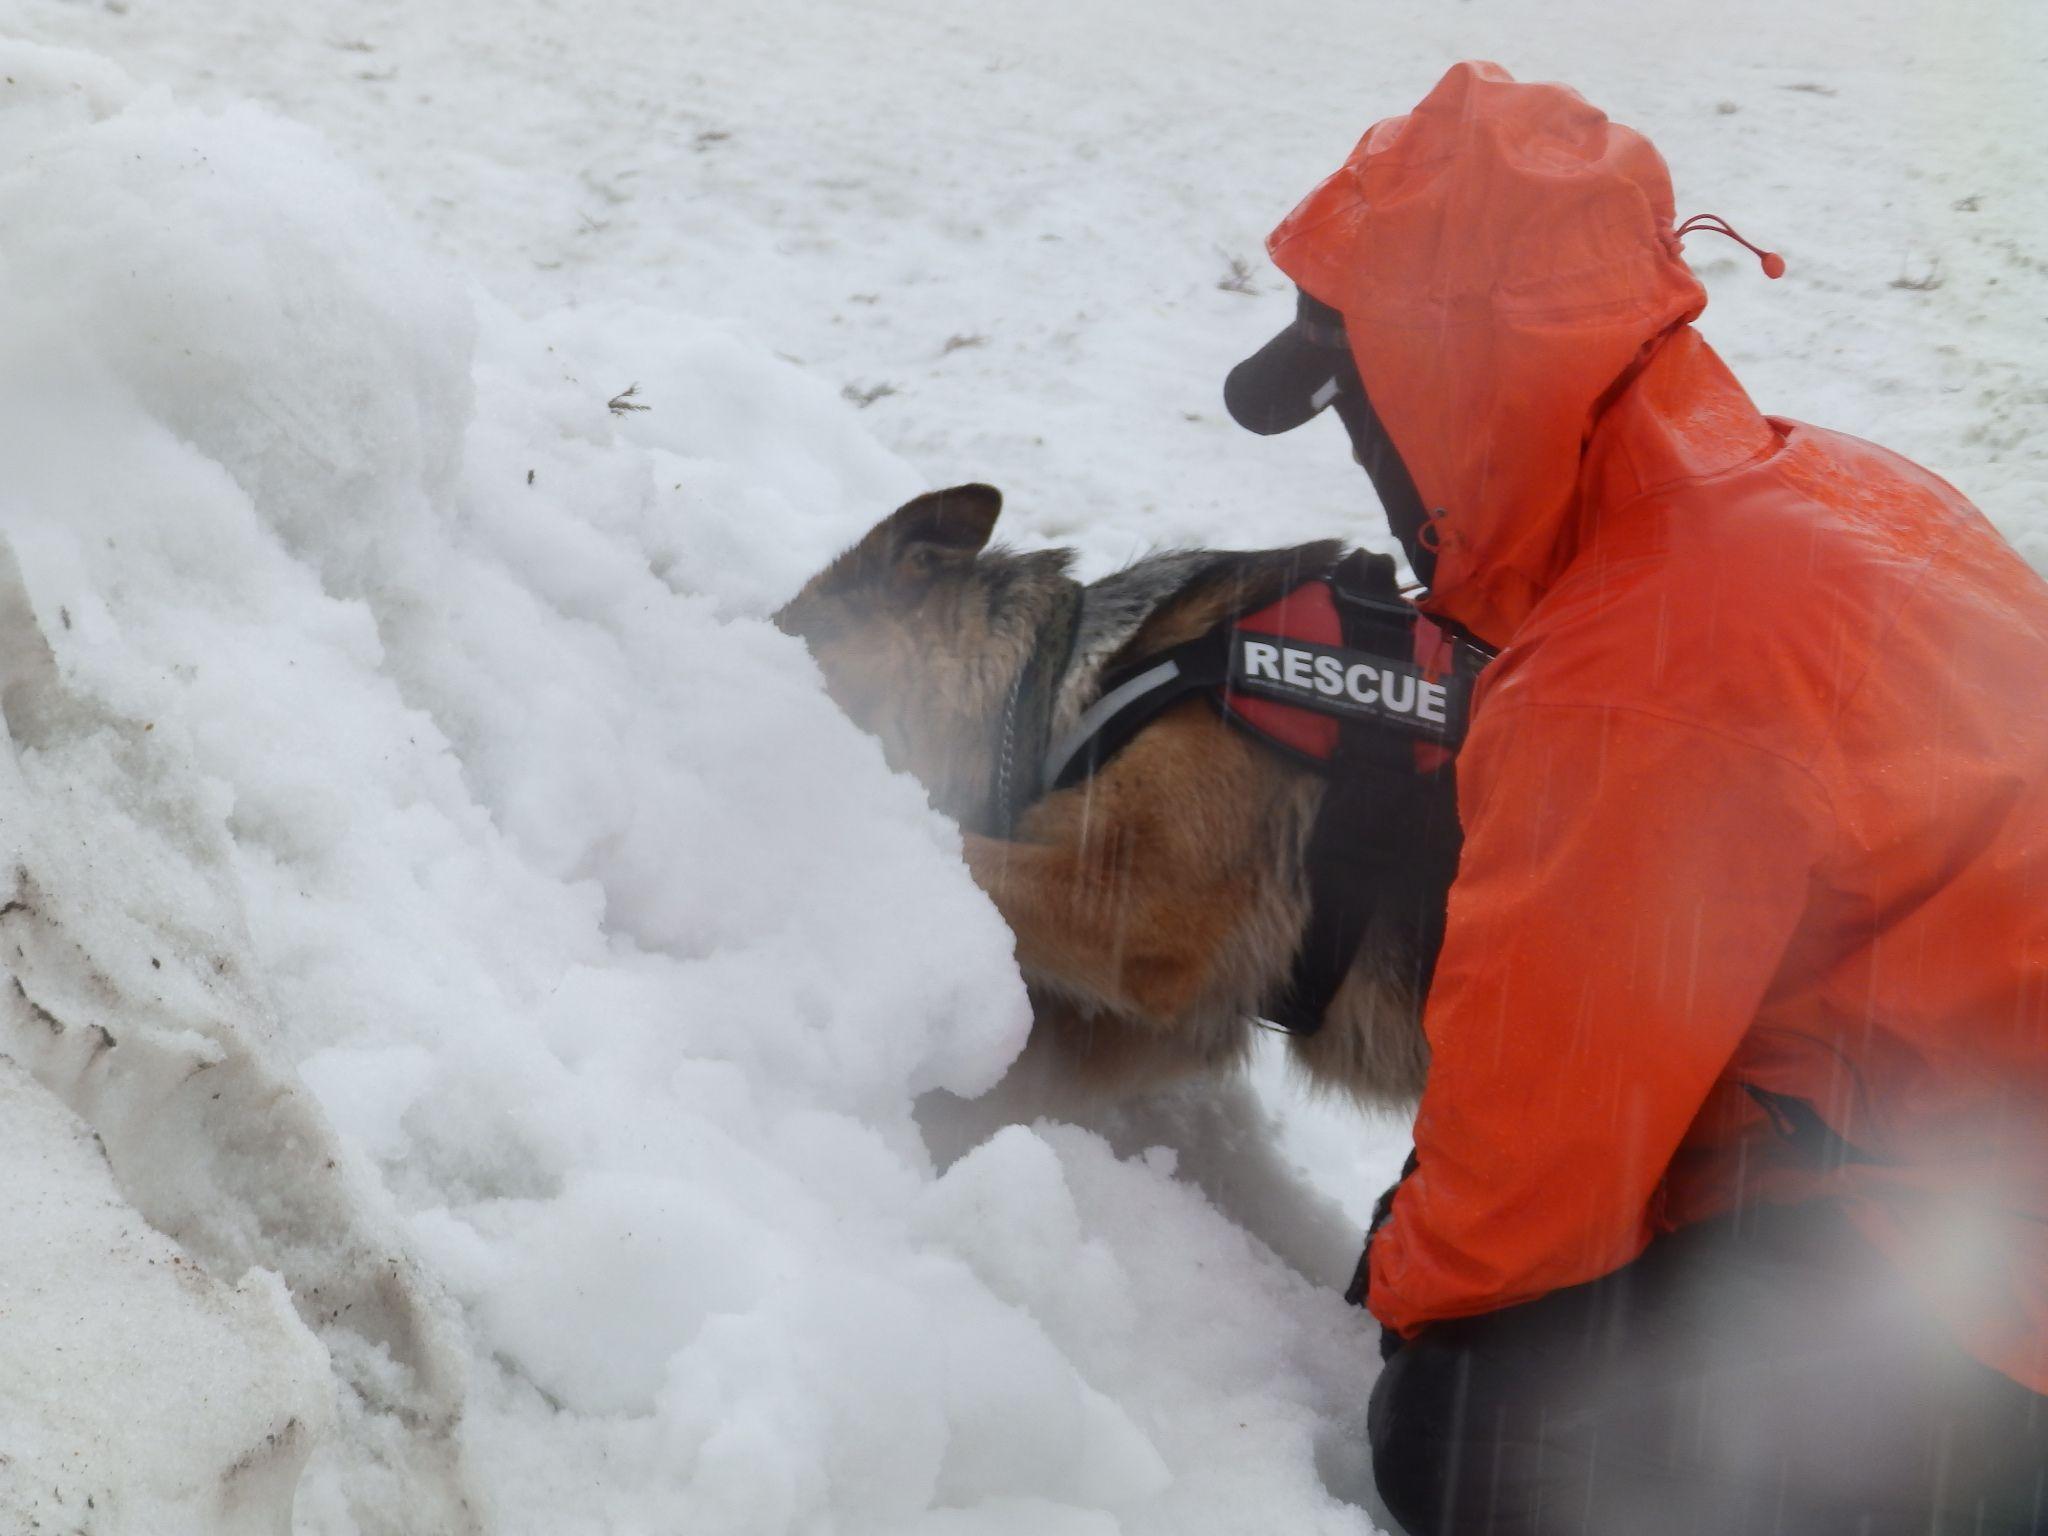 雪崩救助犬訓練